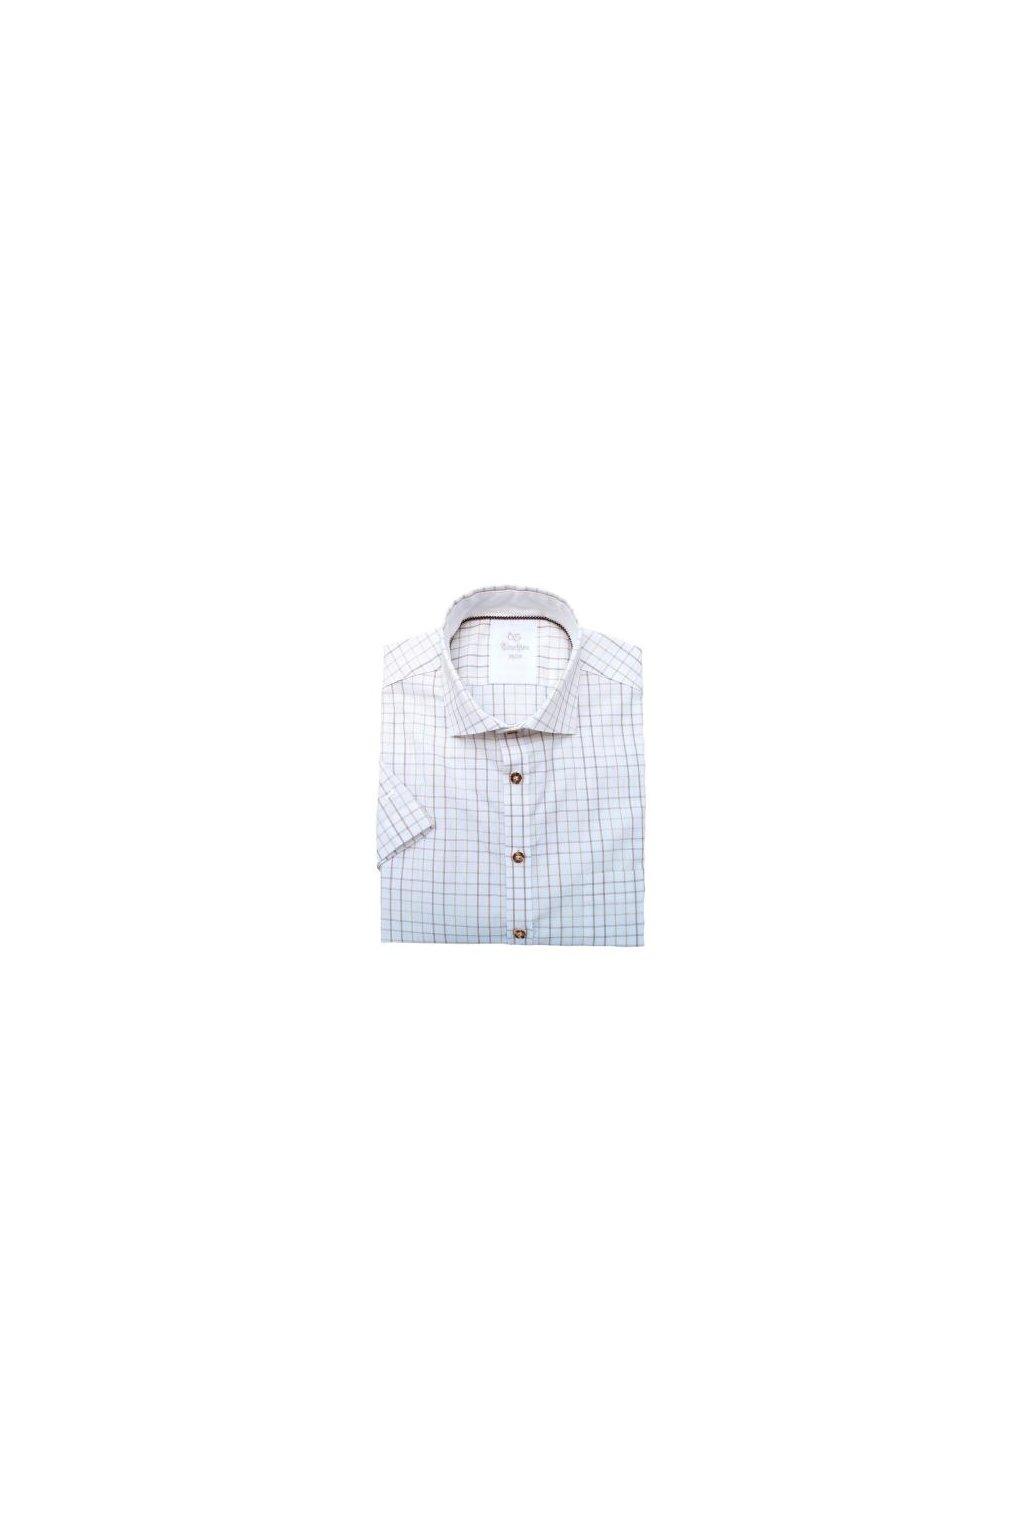 ORBIS - Košile pánská bílá s kr.r.kostička natur (3066)